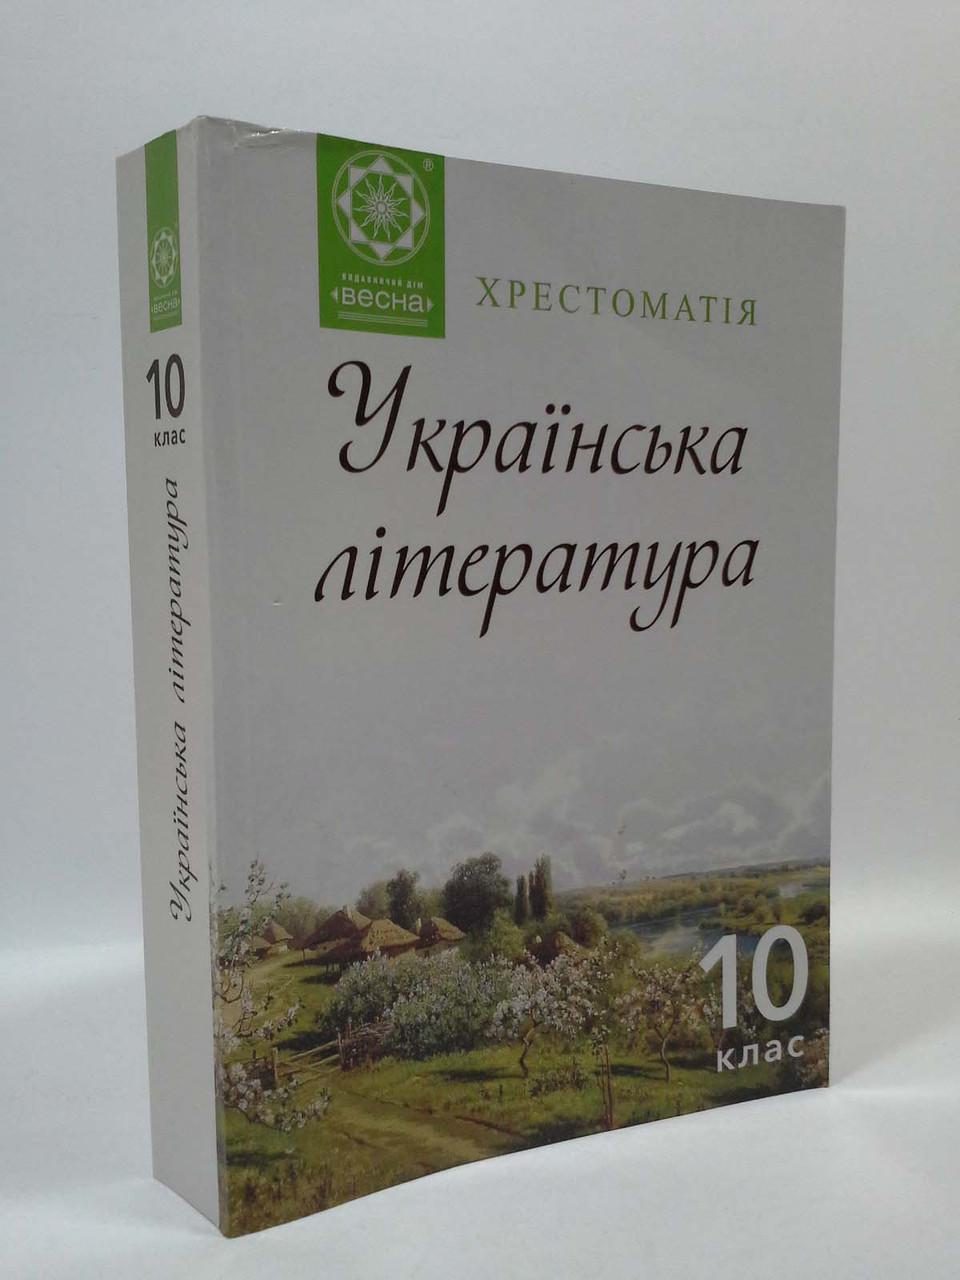 10 клас Українська література ХРЕСТОМАТІЯ Весна 10 клас